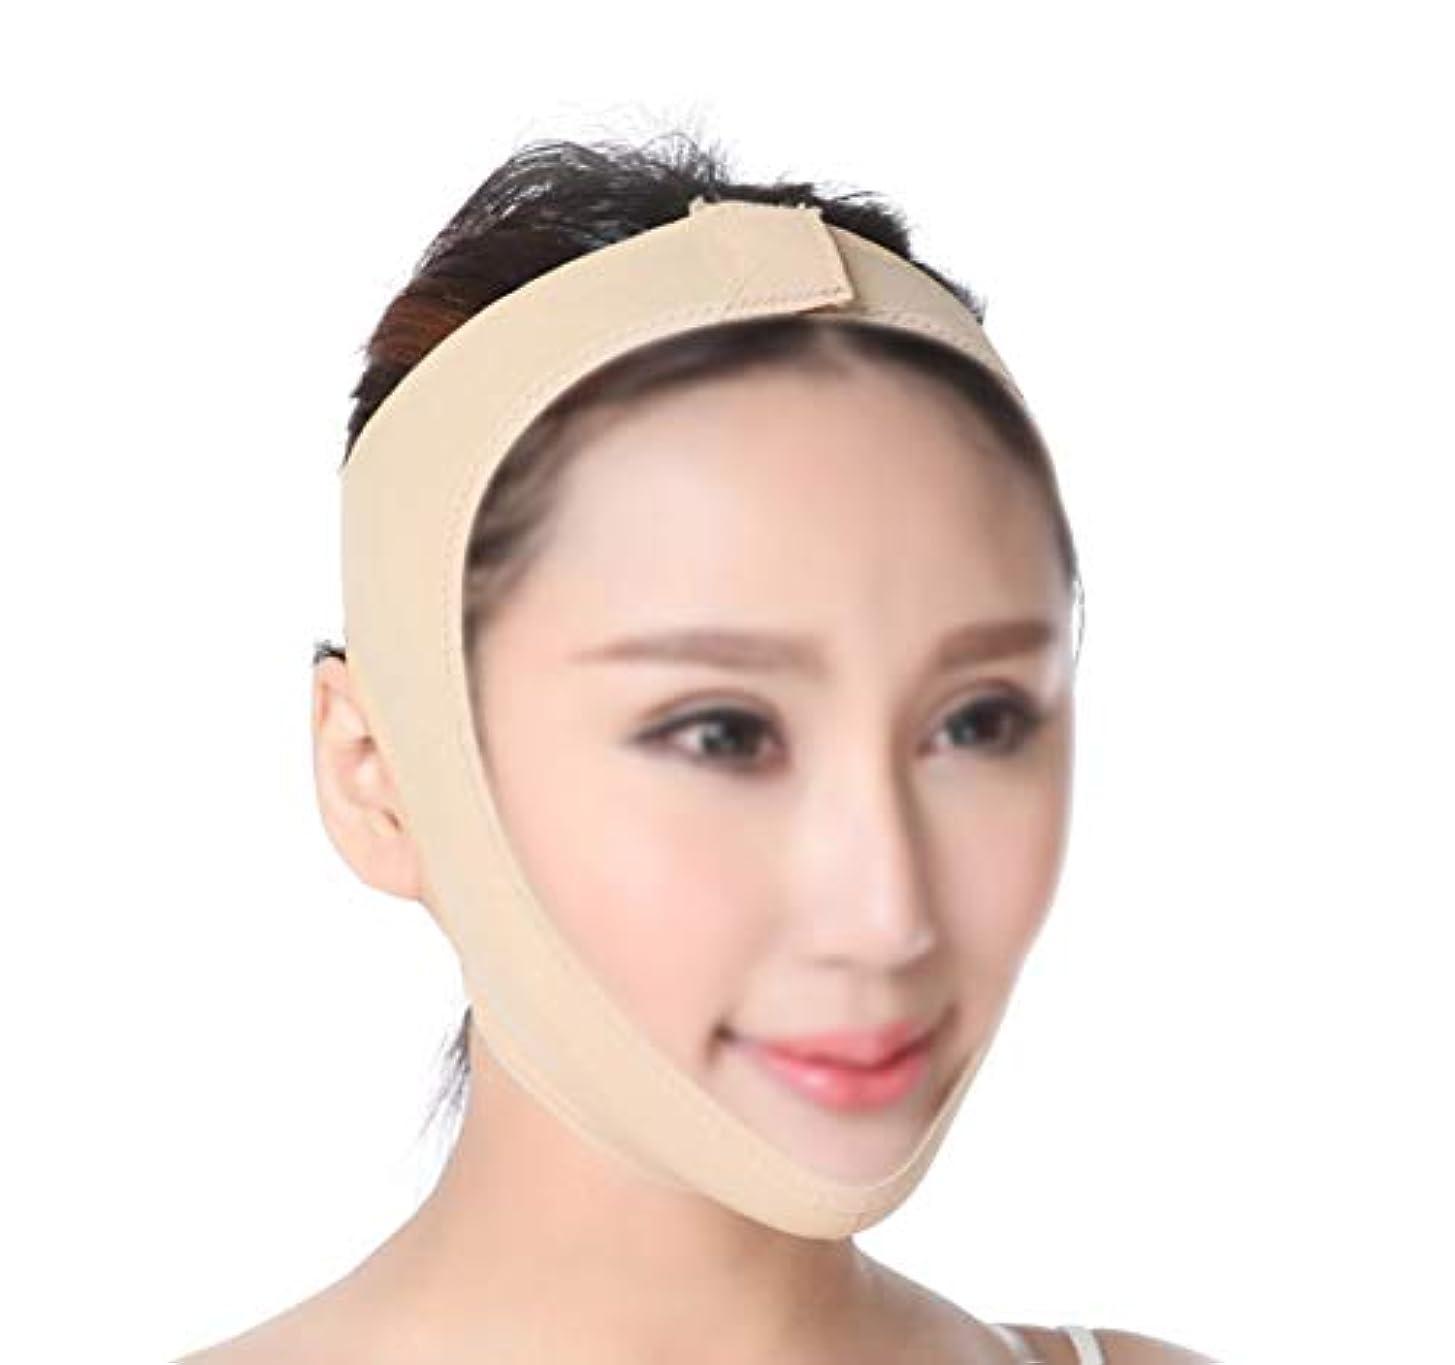 コンテンポラリー提出する頑丈XHLMRMJ 顔を持ち上げる包帯、顔の減量抗しわケアフェイスリフト引き締め肌、効果的に二重あごを改善し、V字型の顔になります (Size : L)